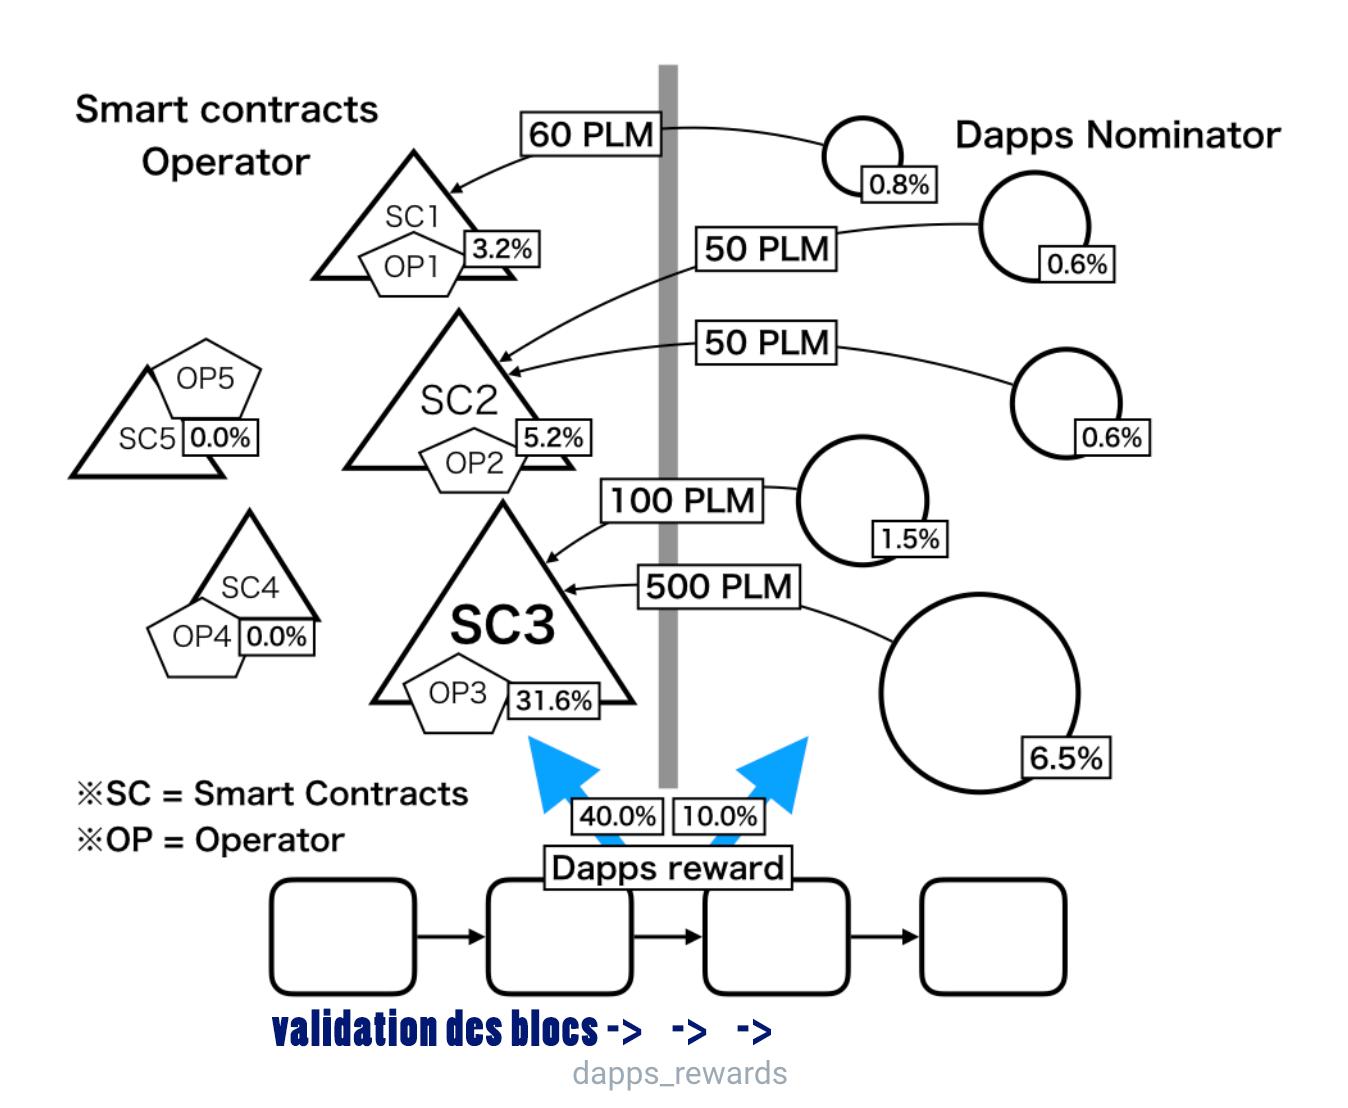 dapps staking rewards plasm network plm